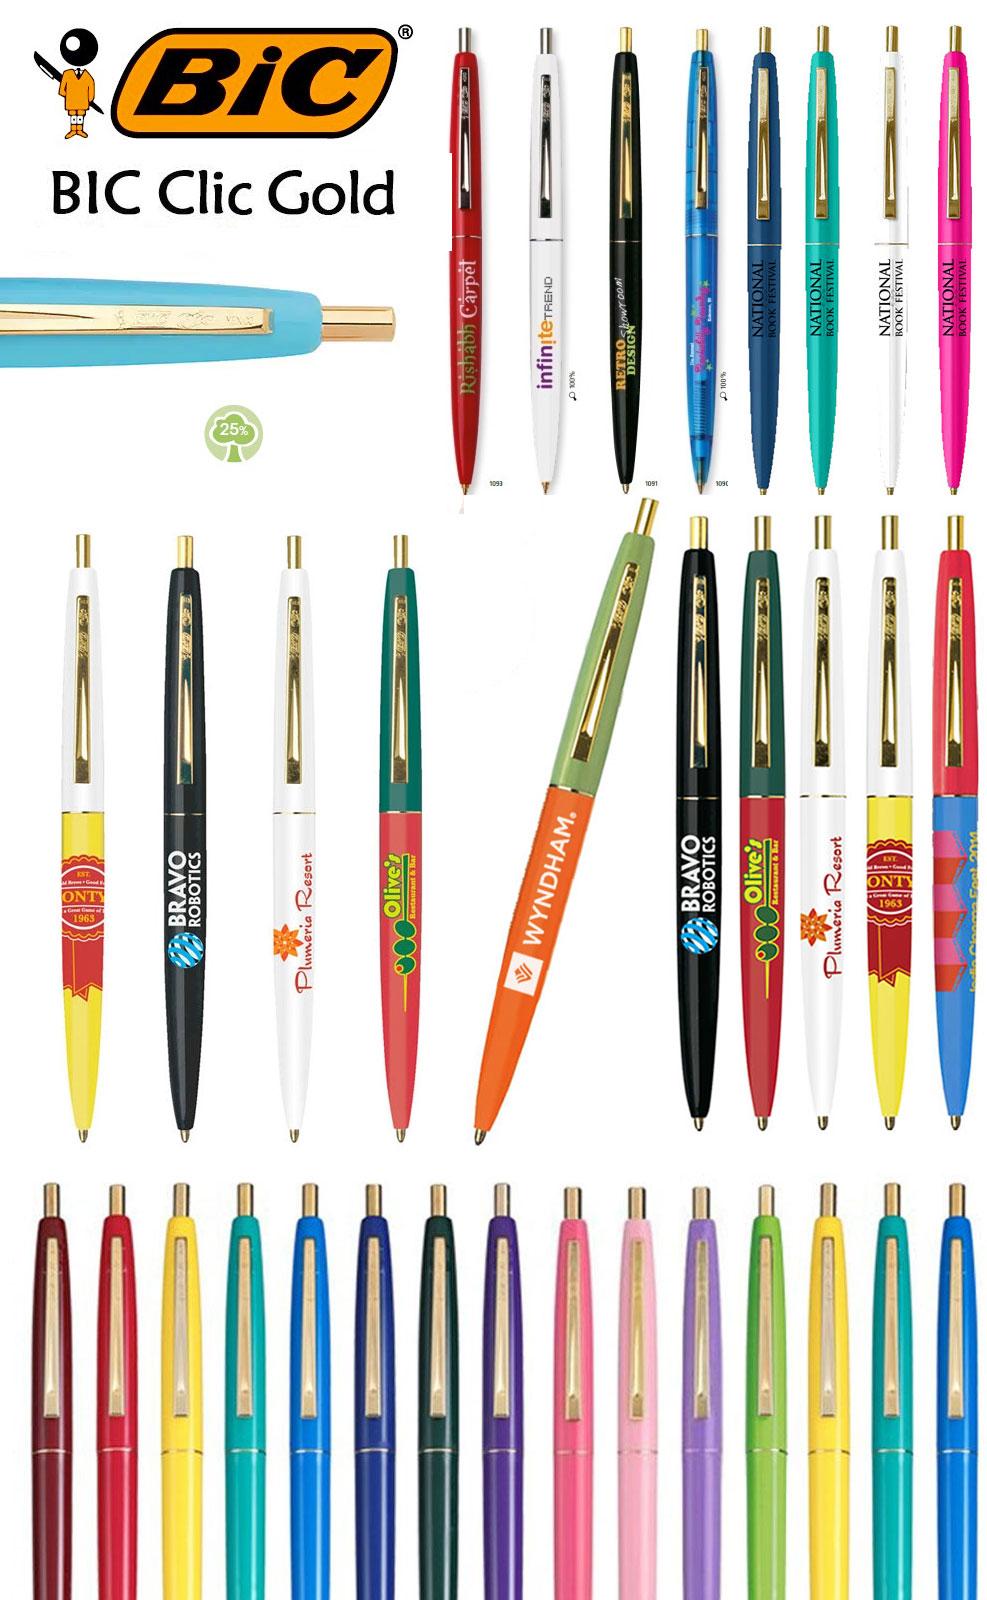 aae559875fba Εκτύπωση BIC στυλό - Διαφημιστικό στυλό εκτύπωση